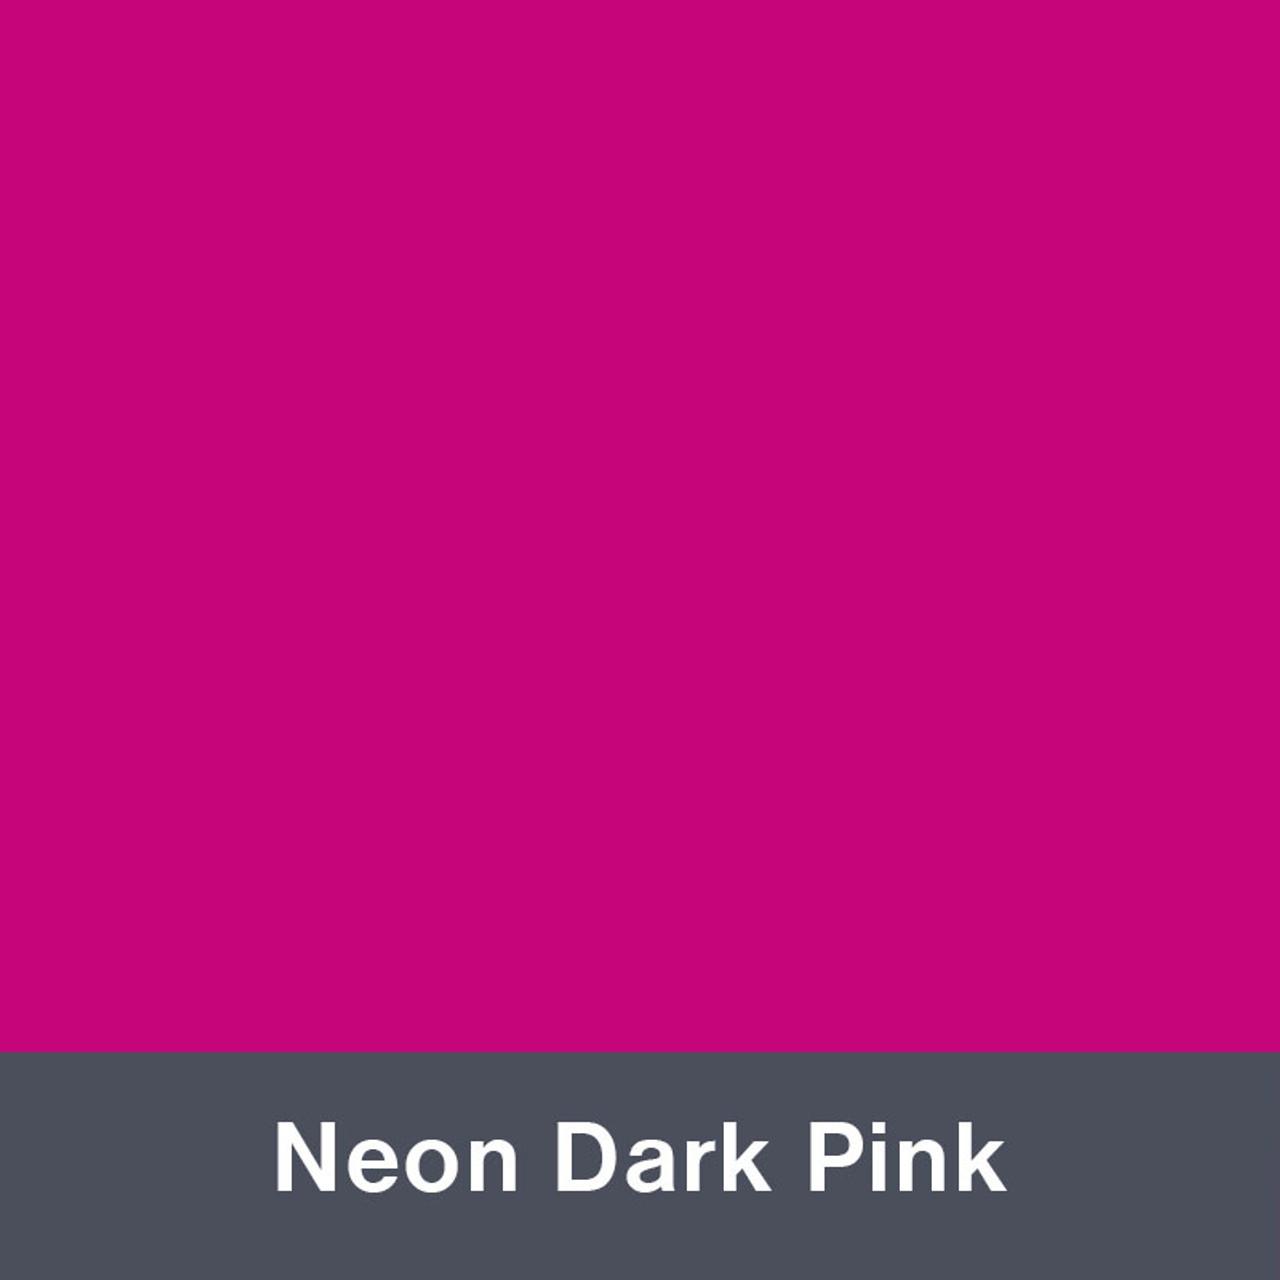 Iron-on Neon Dark Pink Turbo 4945